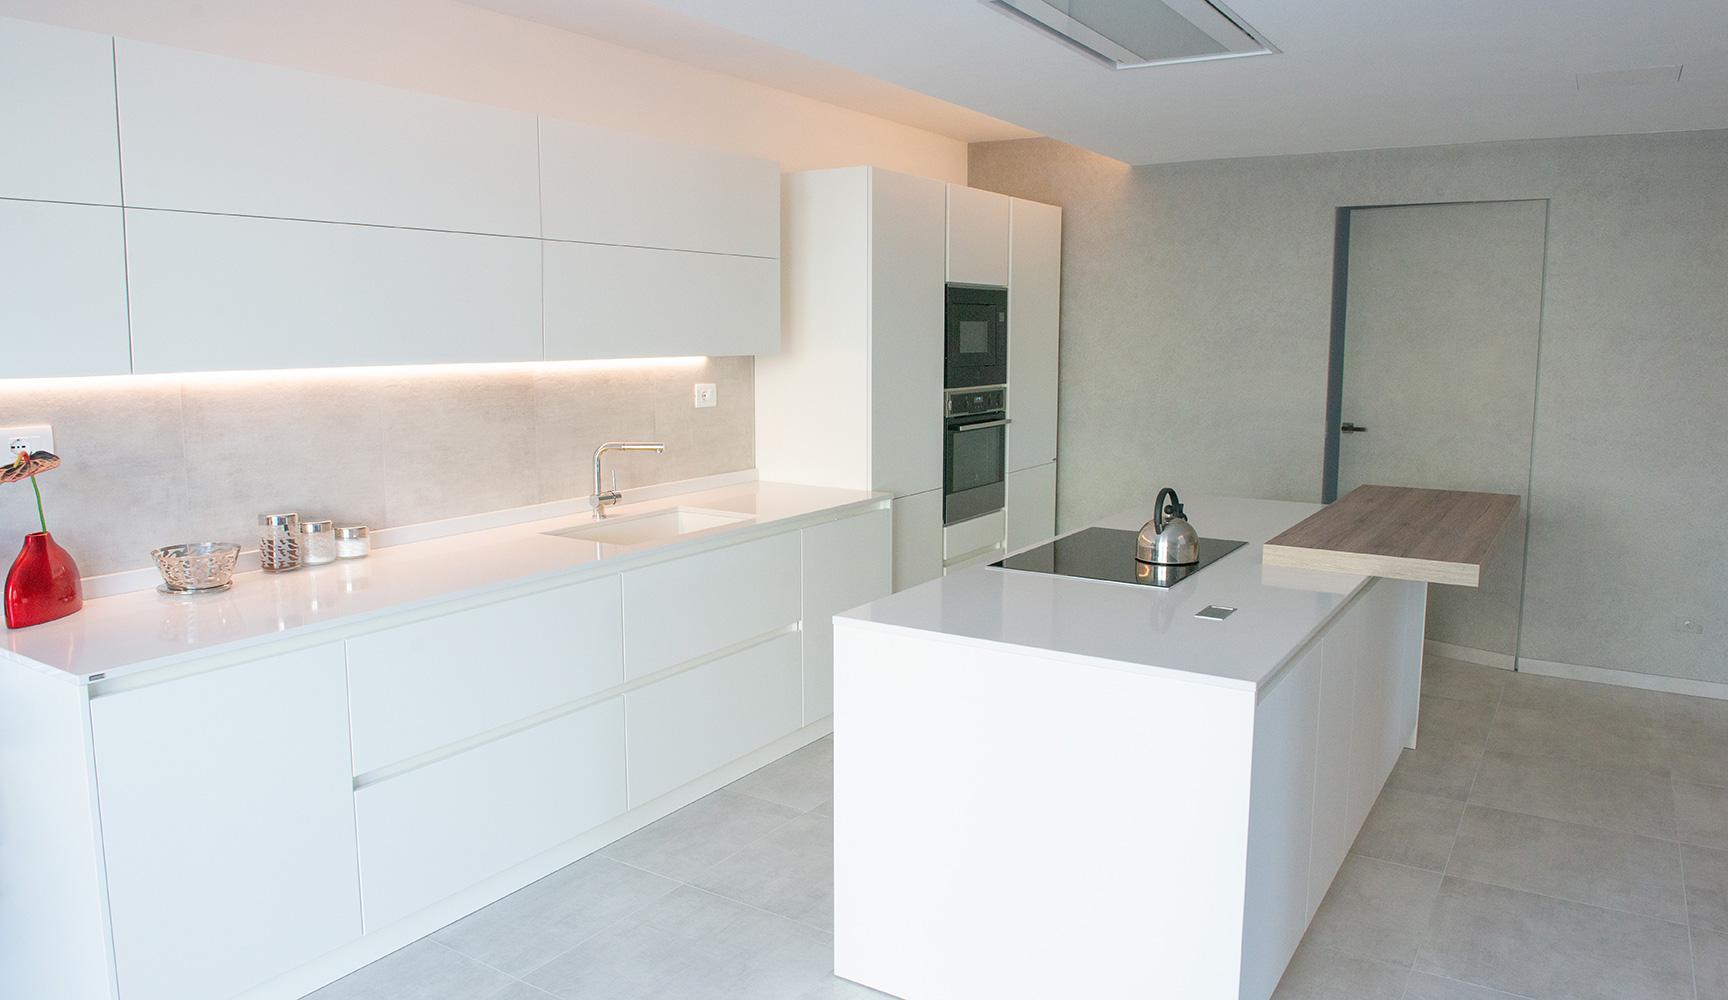 progettazione cucina mobilificio verona